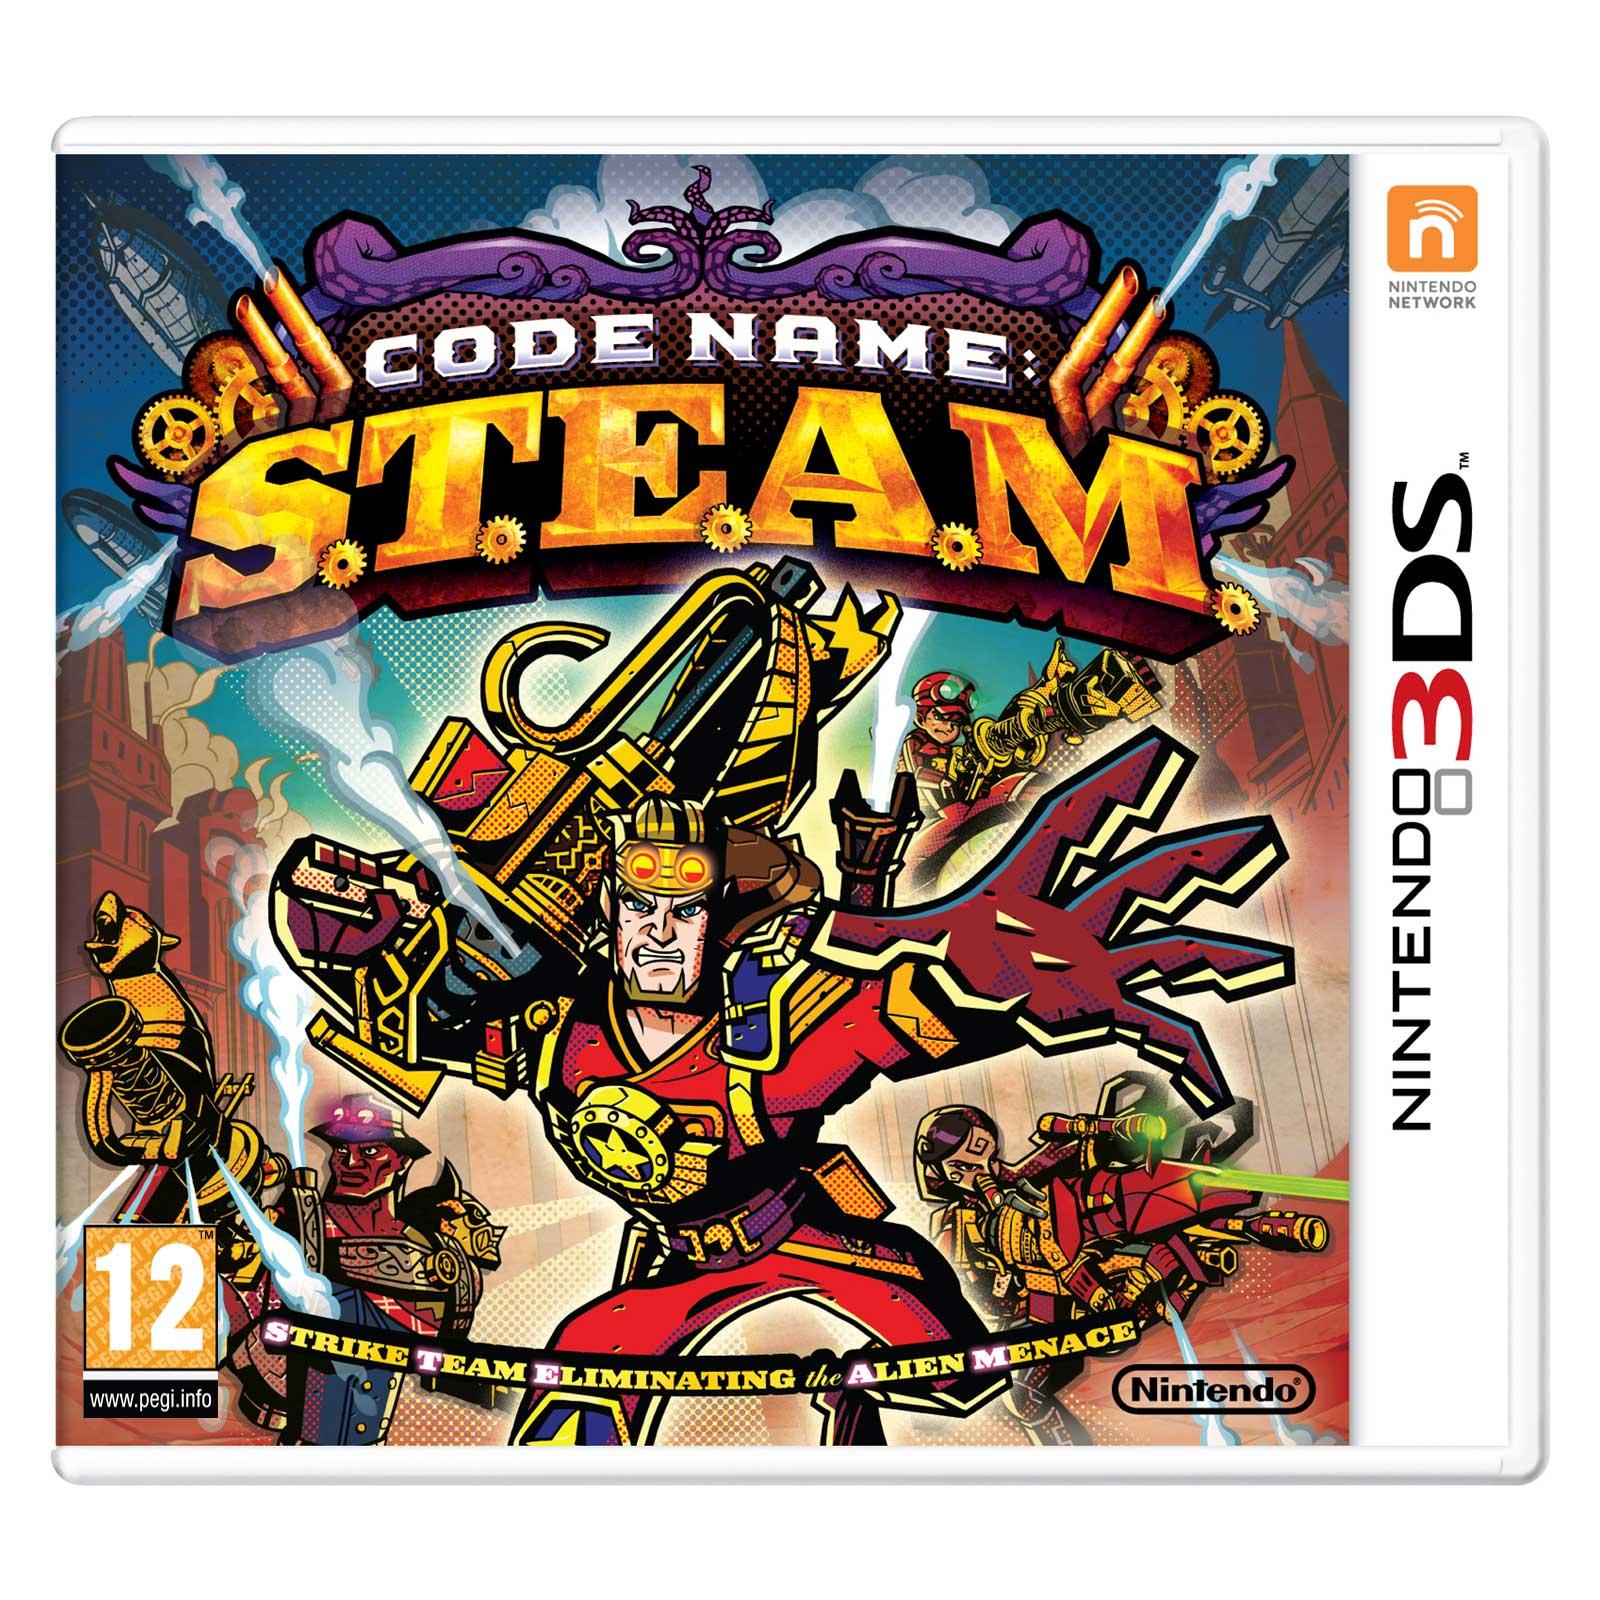 Code Name : S.T.E.A.M. (Nintendo 3DS/2DS) - Jeux Nintendo ...